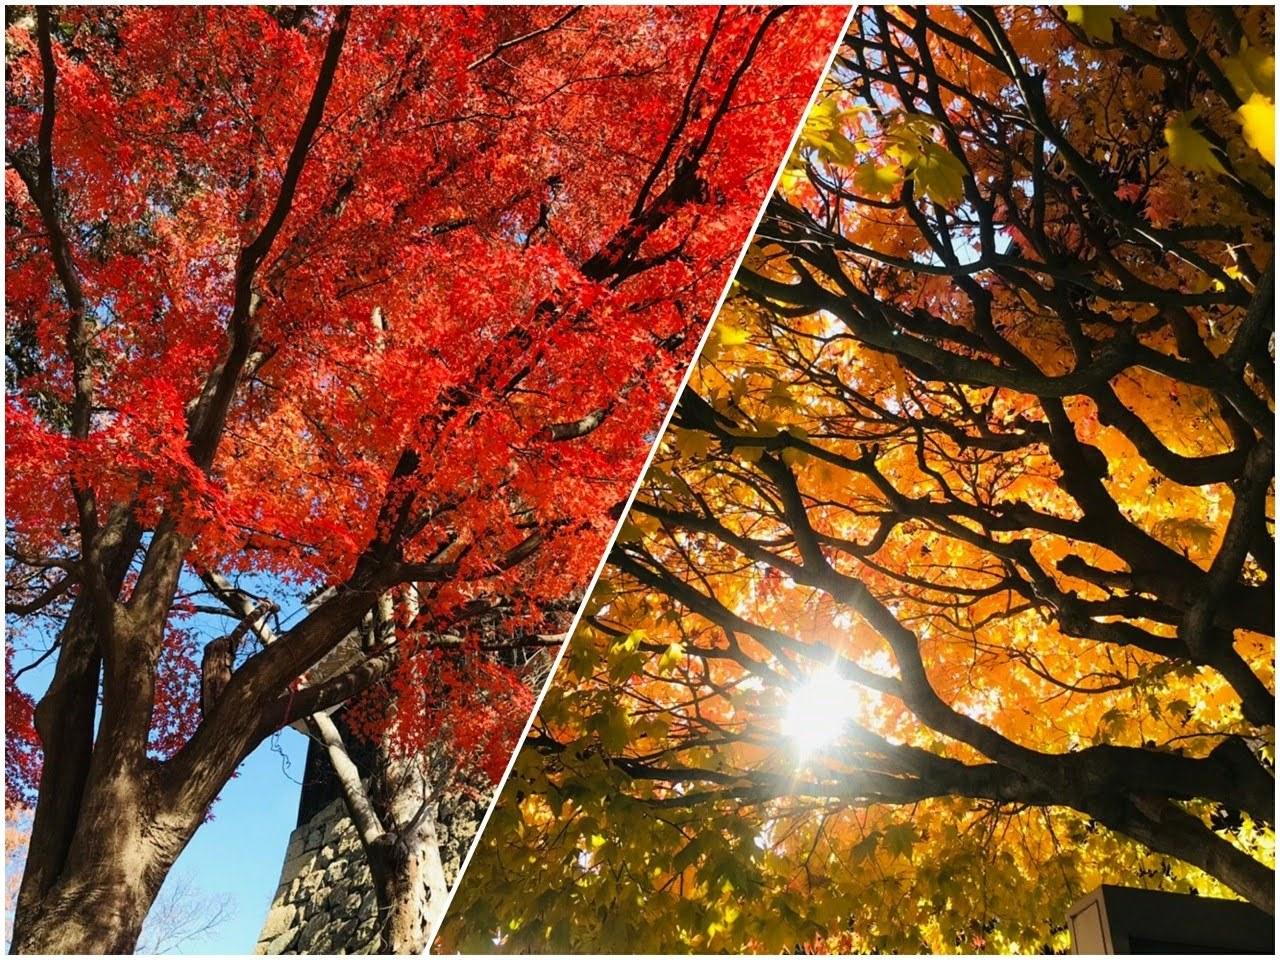 18-12-03-08-58-35-224_deco-1280x960.jpg